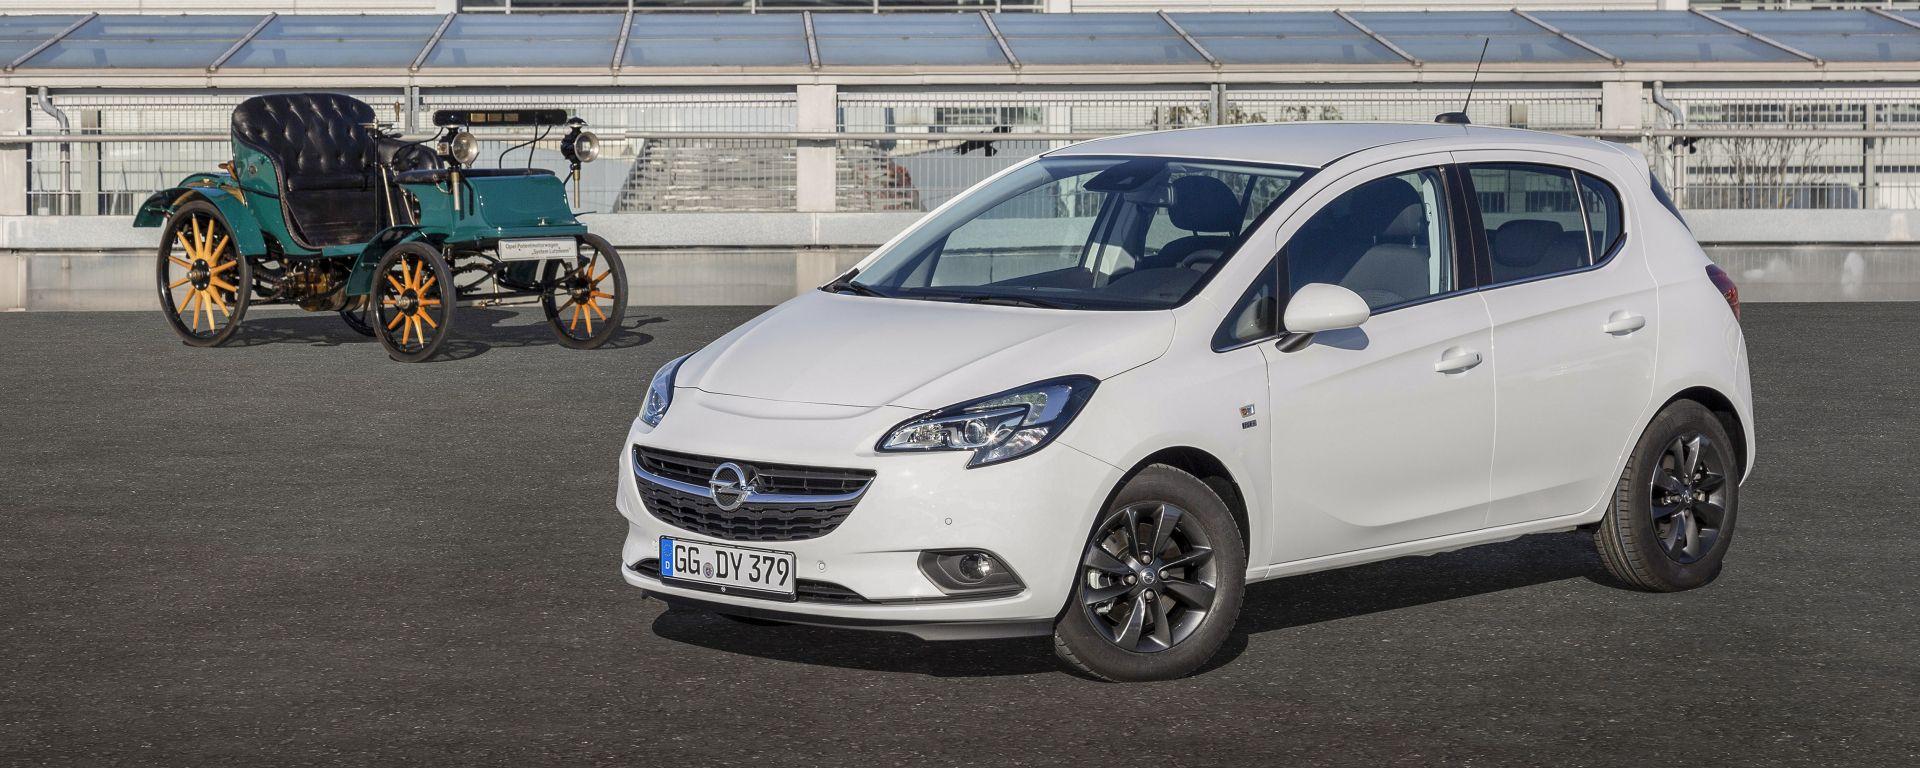 Opel Corsa 120th Anniversary: dotazioni più ricche, prezzo speciale